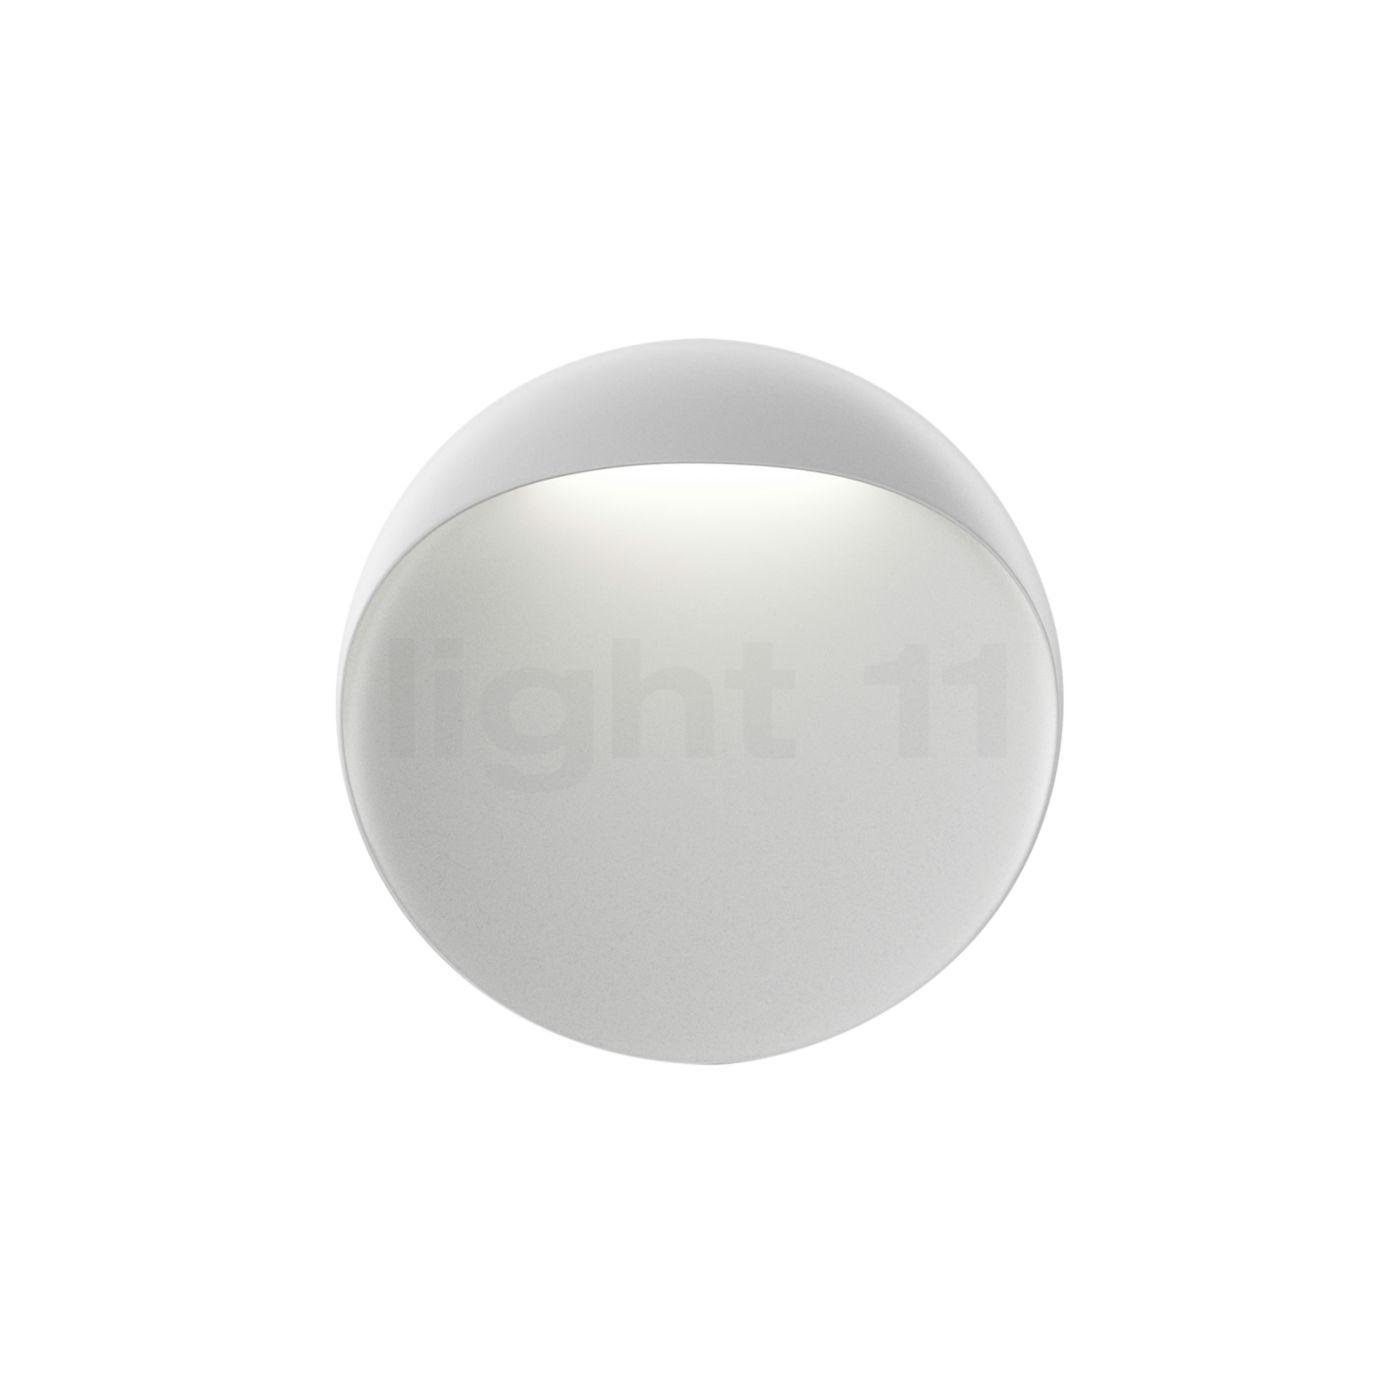 Louis Poulsen Flindt Wandleuchte LED, weiß, ø20 cm 5747402089